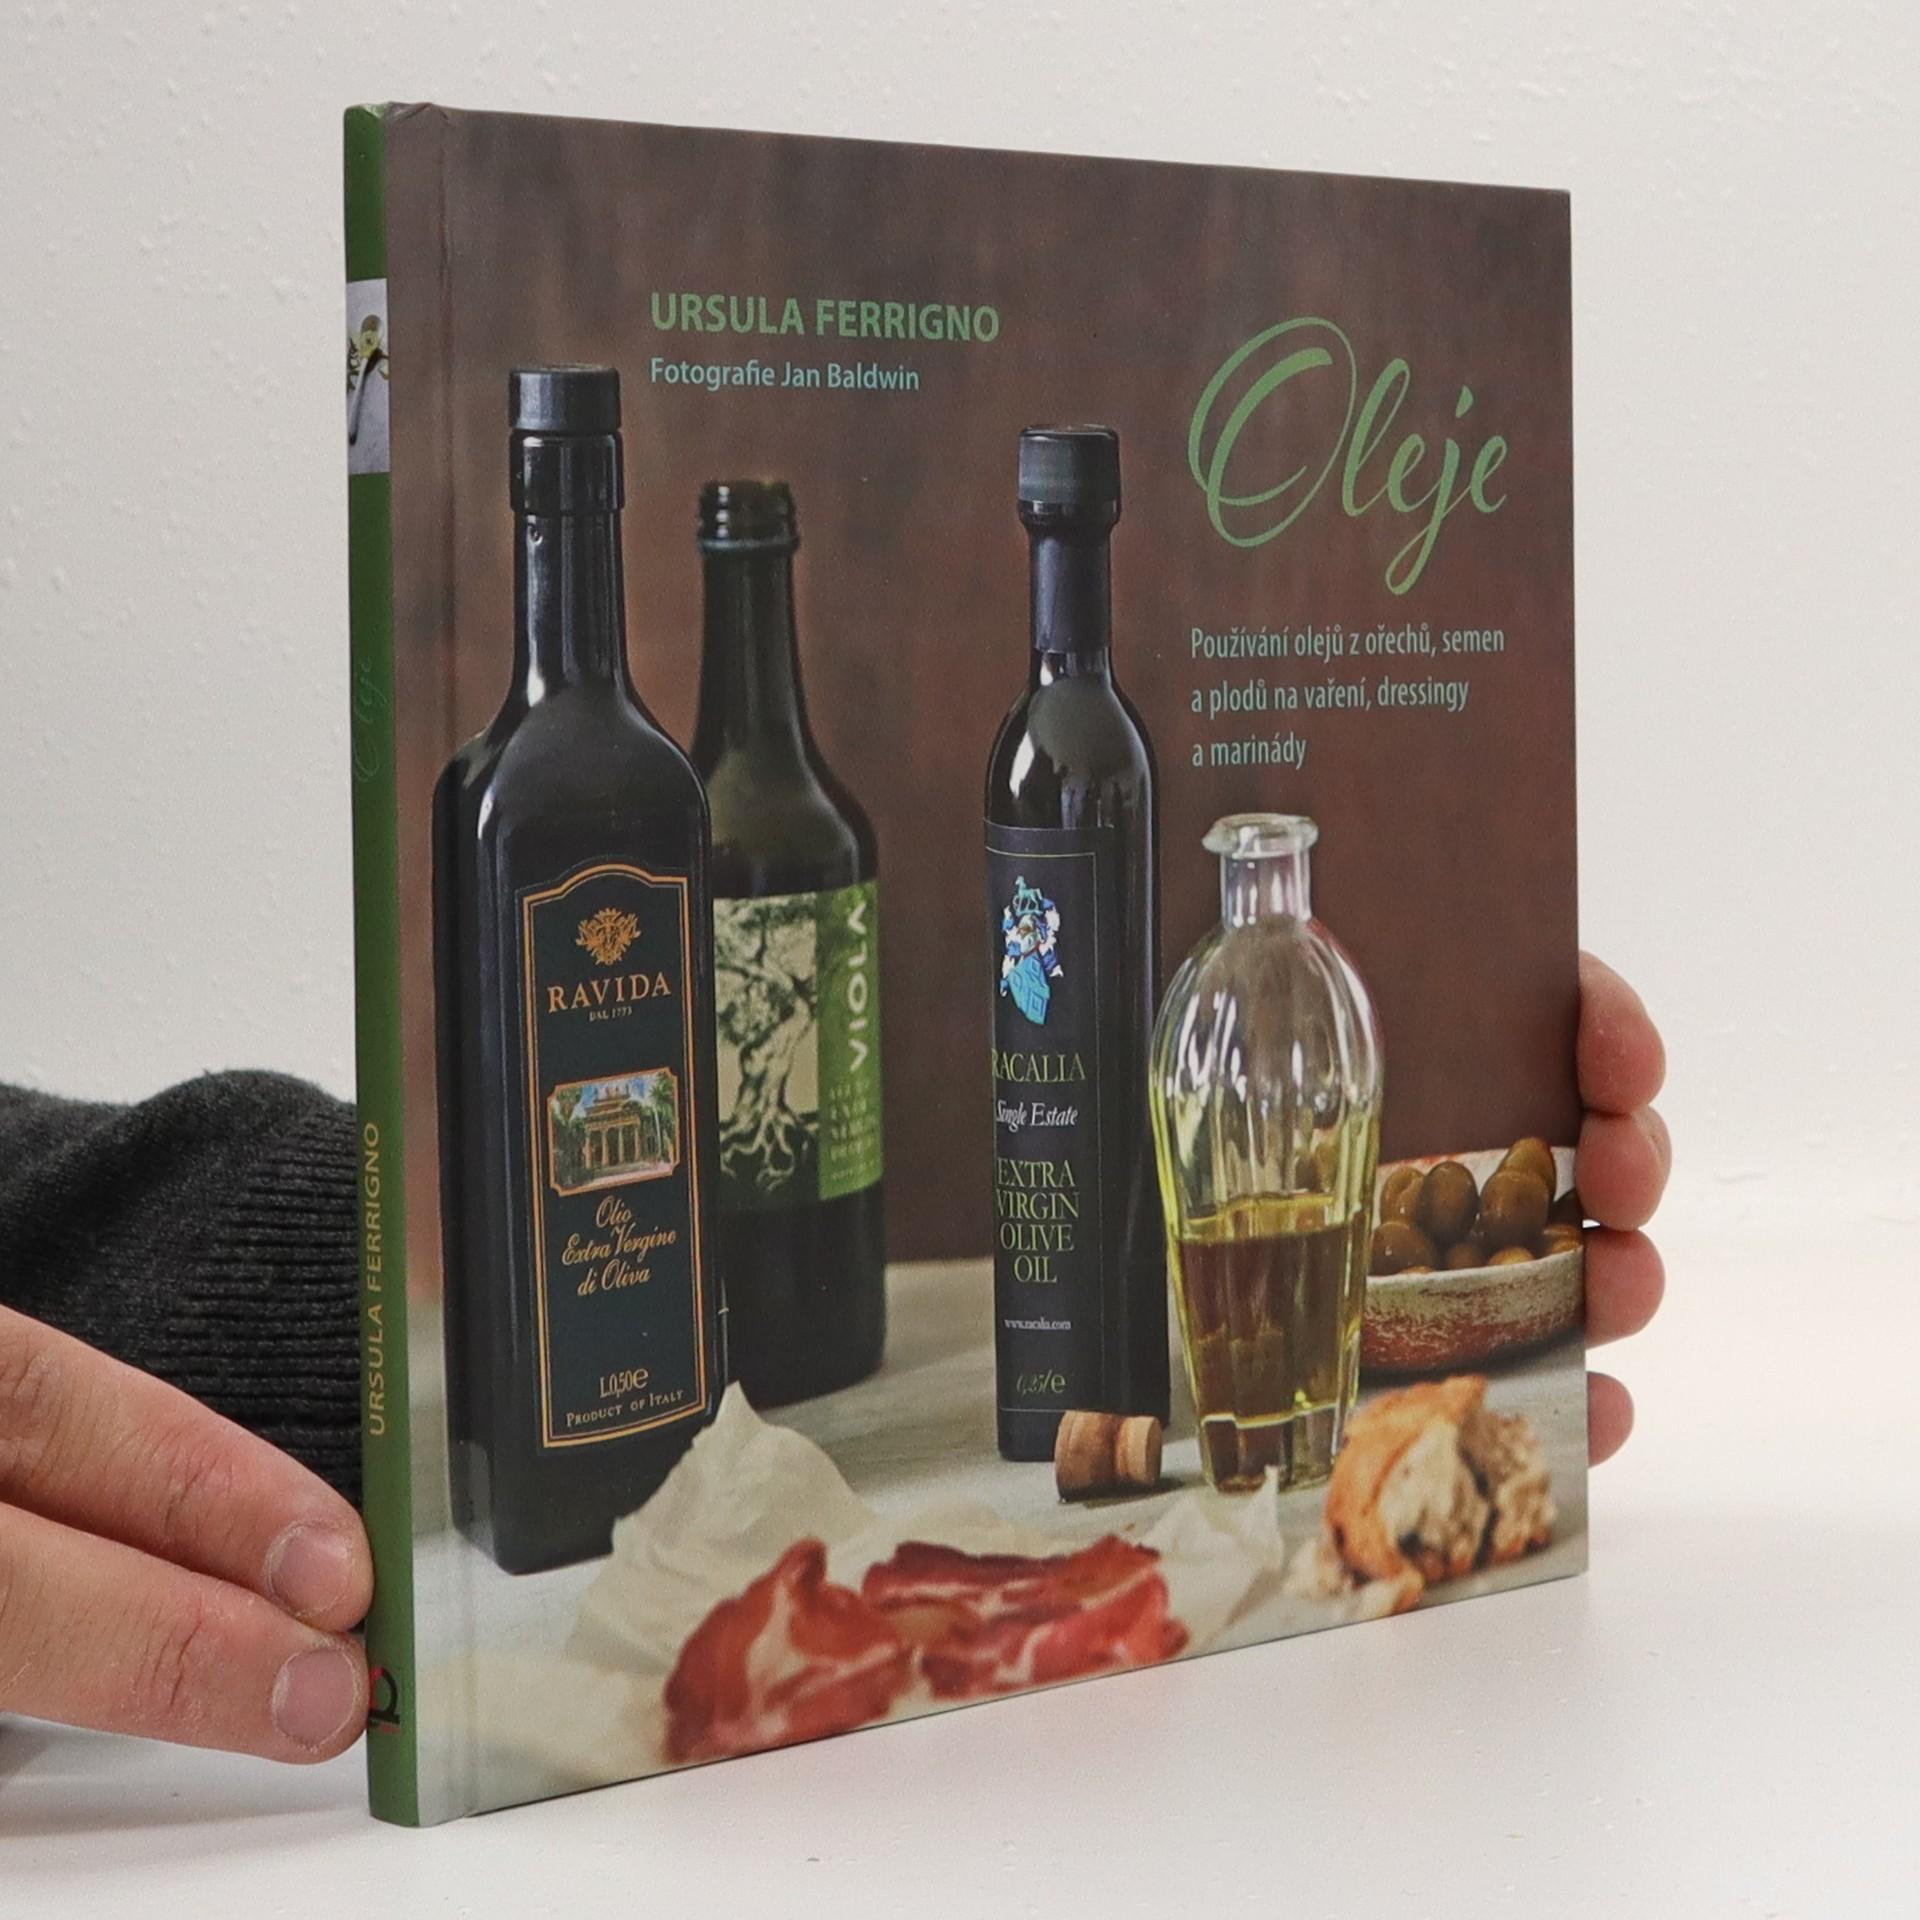 antikvární kniha Oleje : používání olejů z ořechů, semen a plodů na vaření, dressingy a marinády, 2017